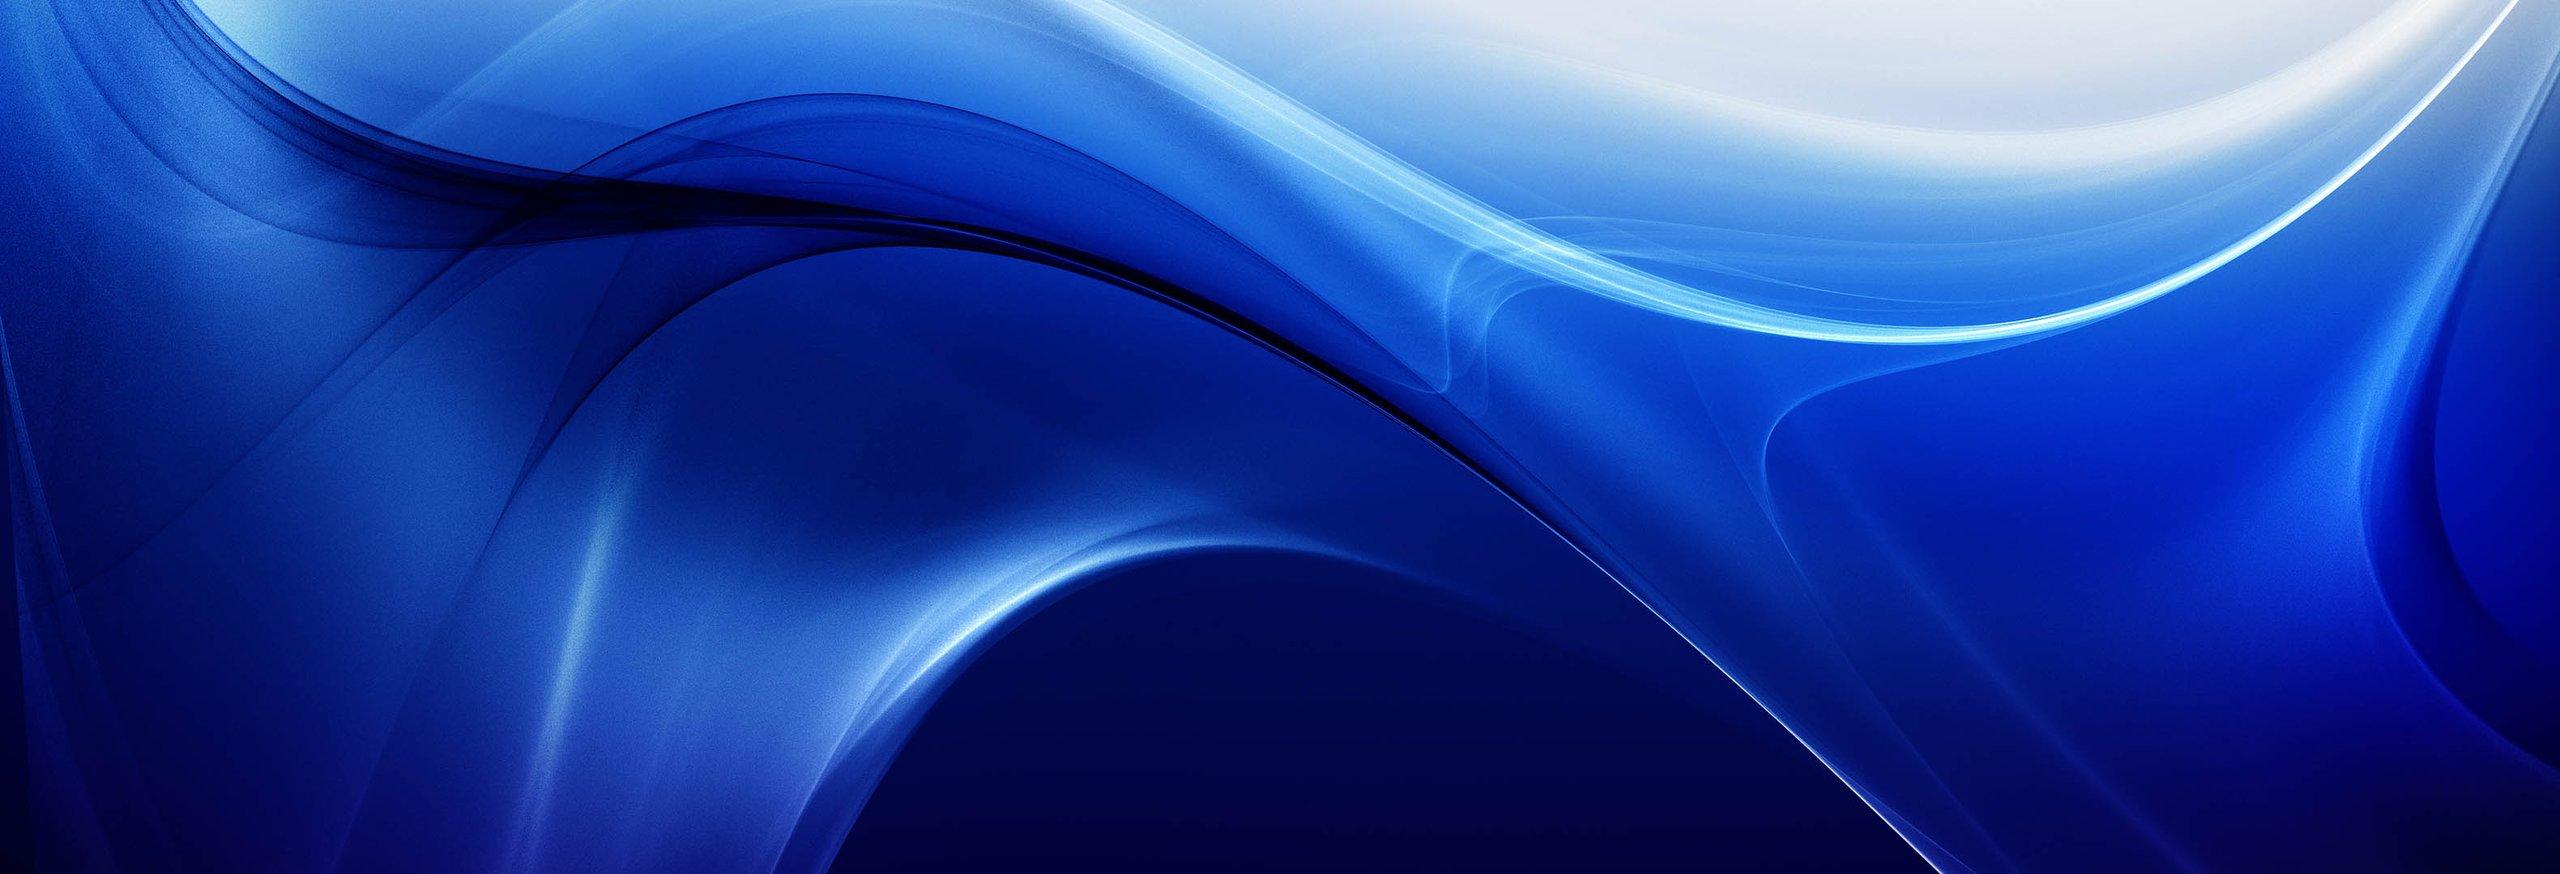 Background Image2.jpg